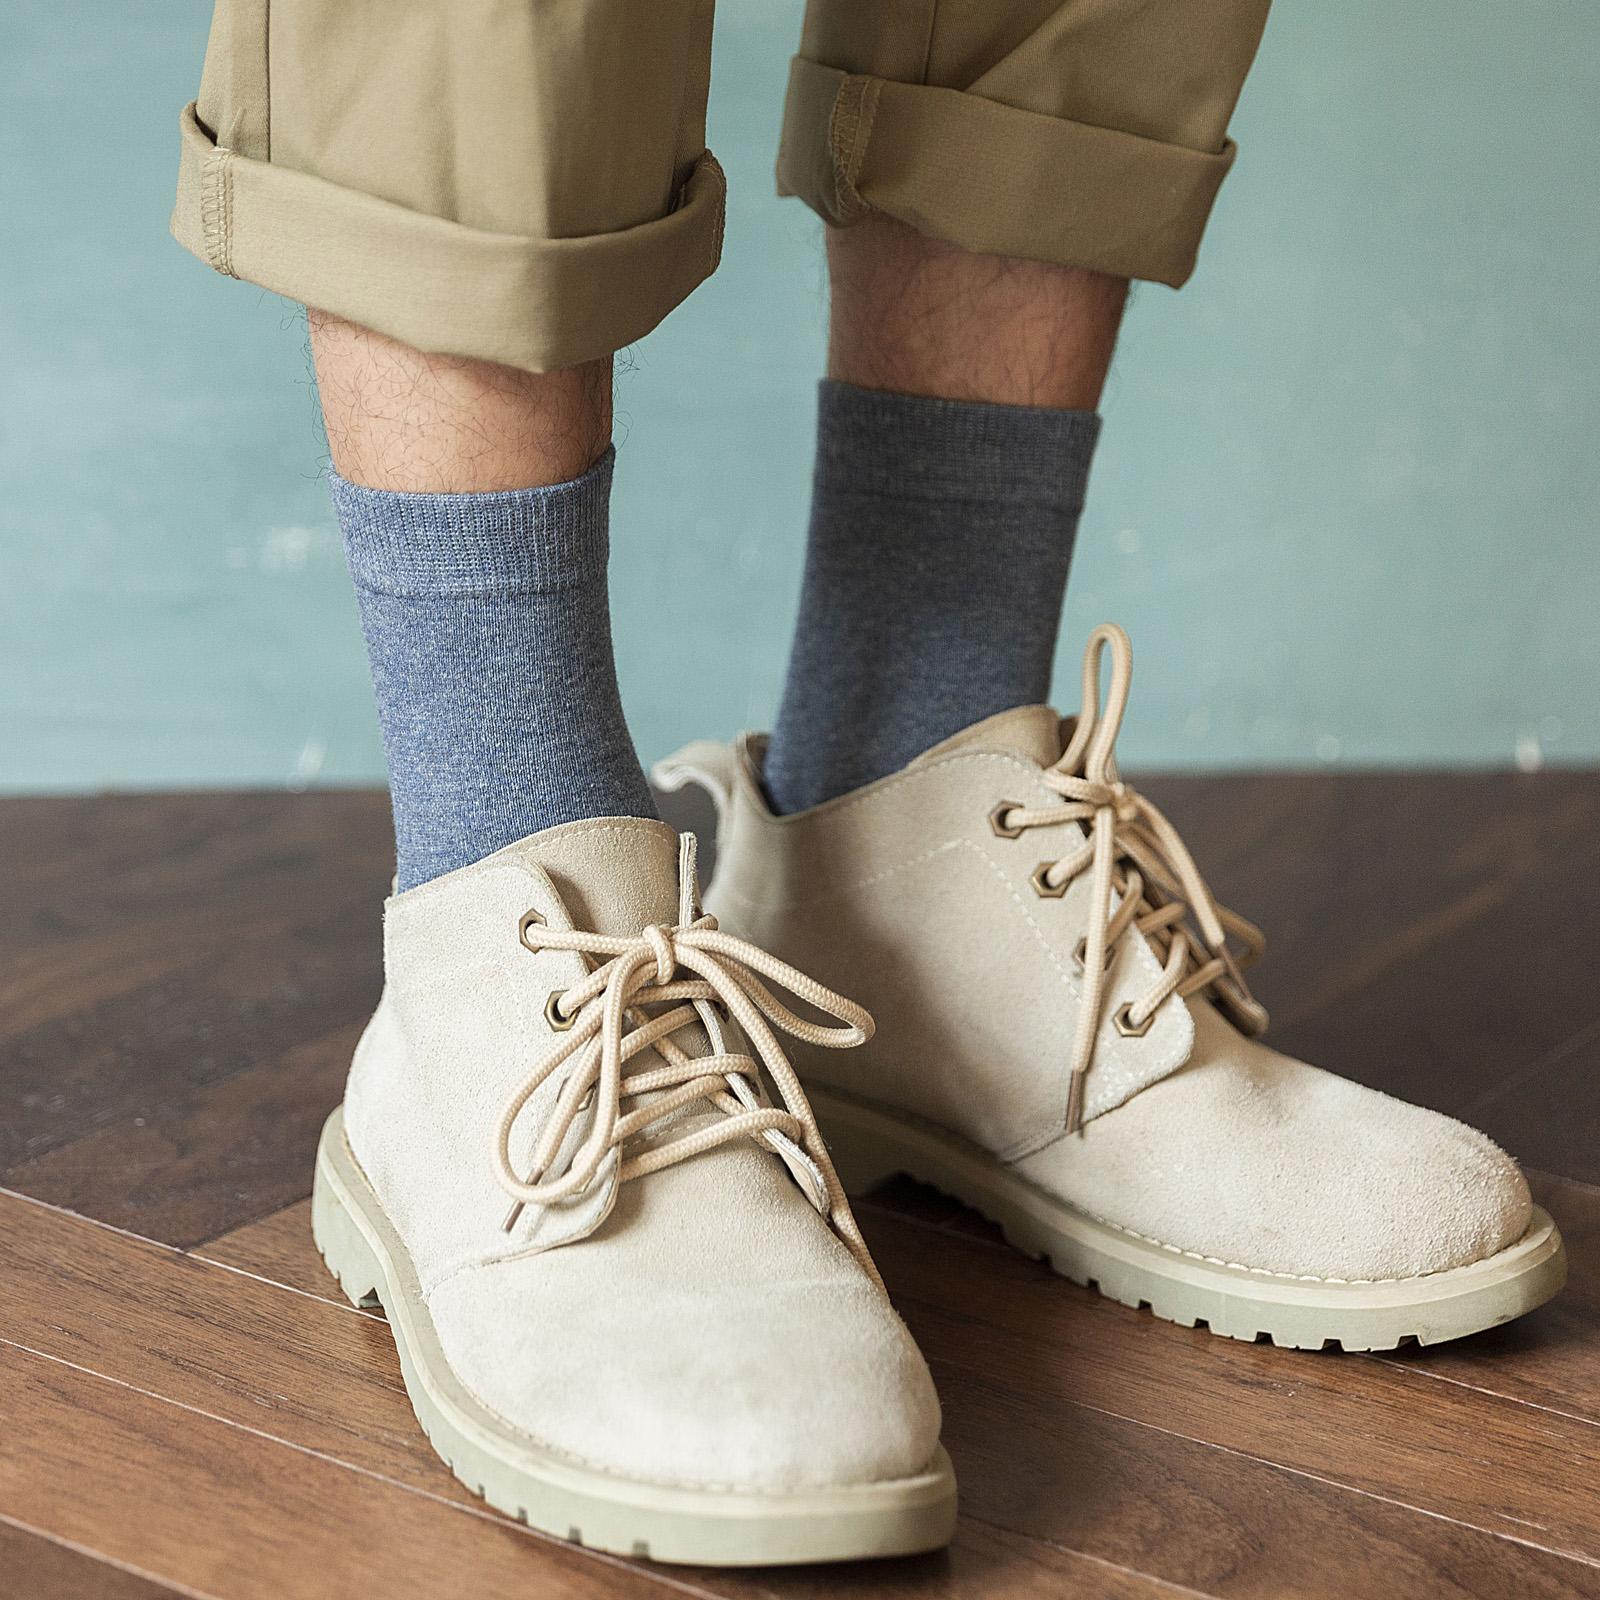 長襪子男士中筒襪純棉防臭吸汗秋冬春秋季全棉男生潮韓版純色長筒